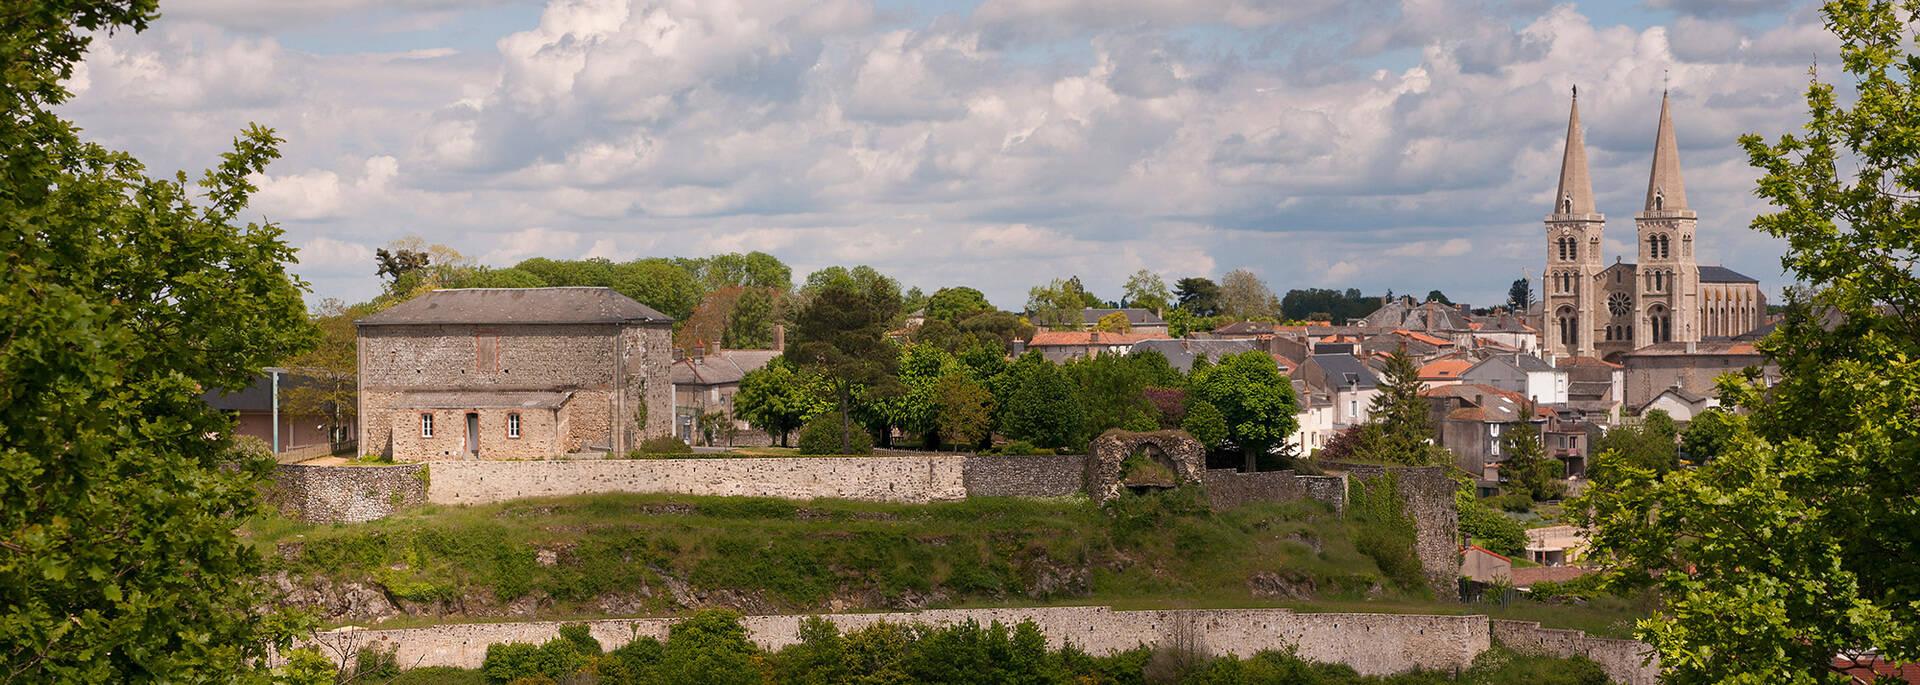 Mauléon, Petite Cité de Caractère et Village Etape - Journées du Patrimoine en Bocage Bressuirais